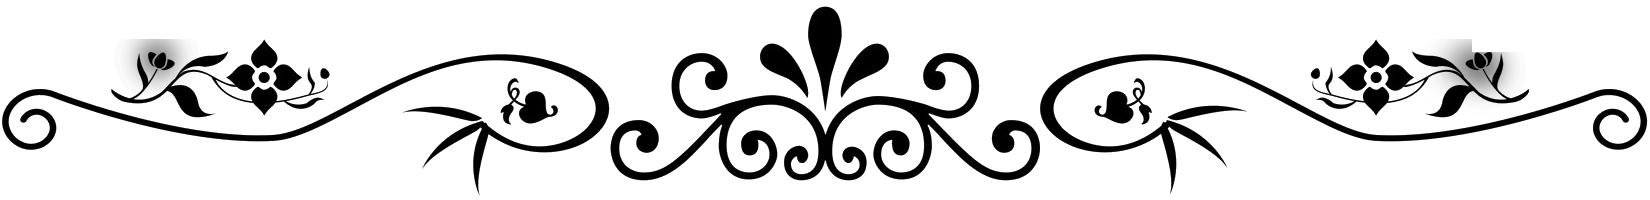 Henna Tattoo Einfach Klein: Kinderschminken, Facepainting, Bodypainting, Henna Tattoos